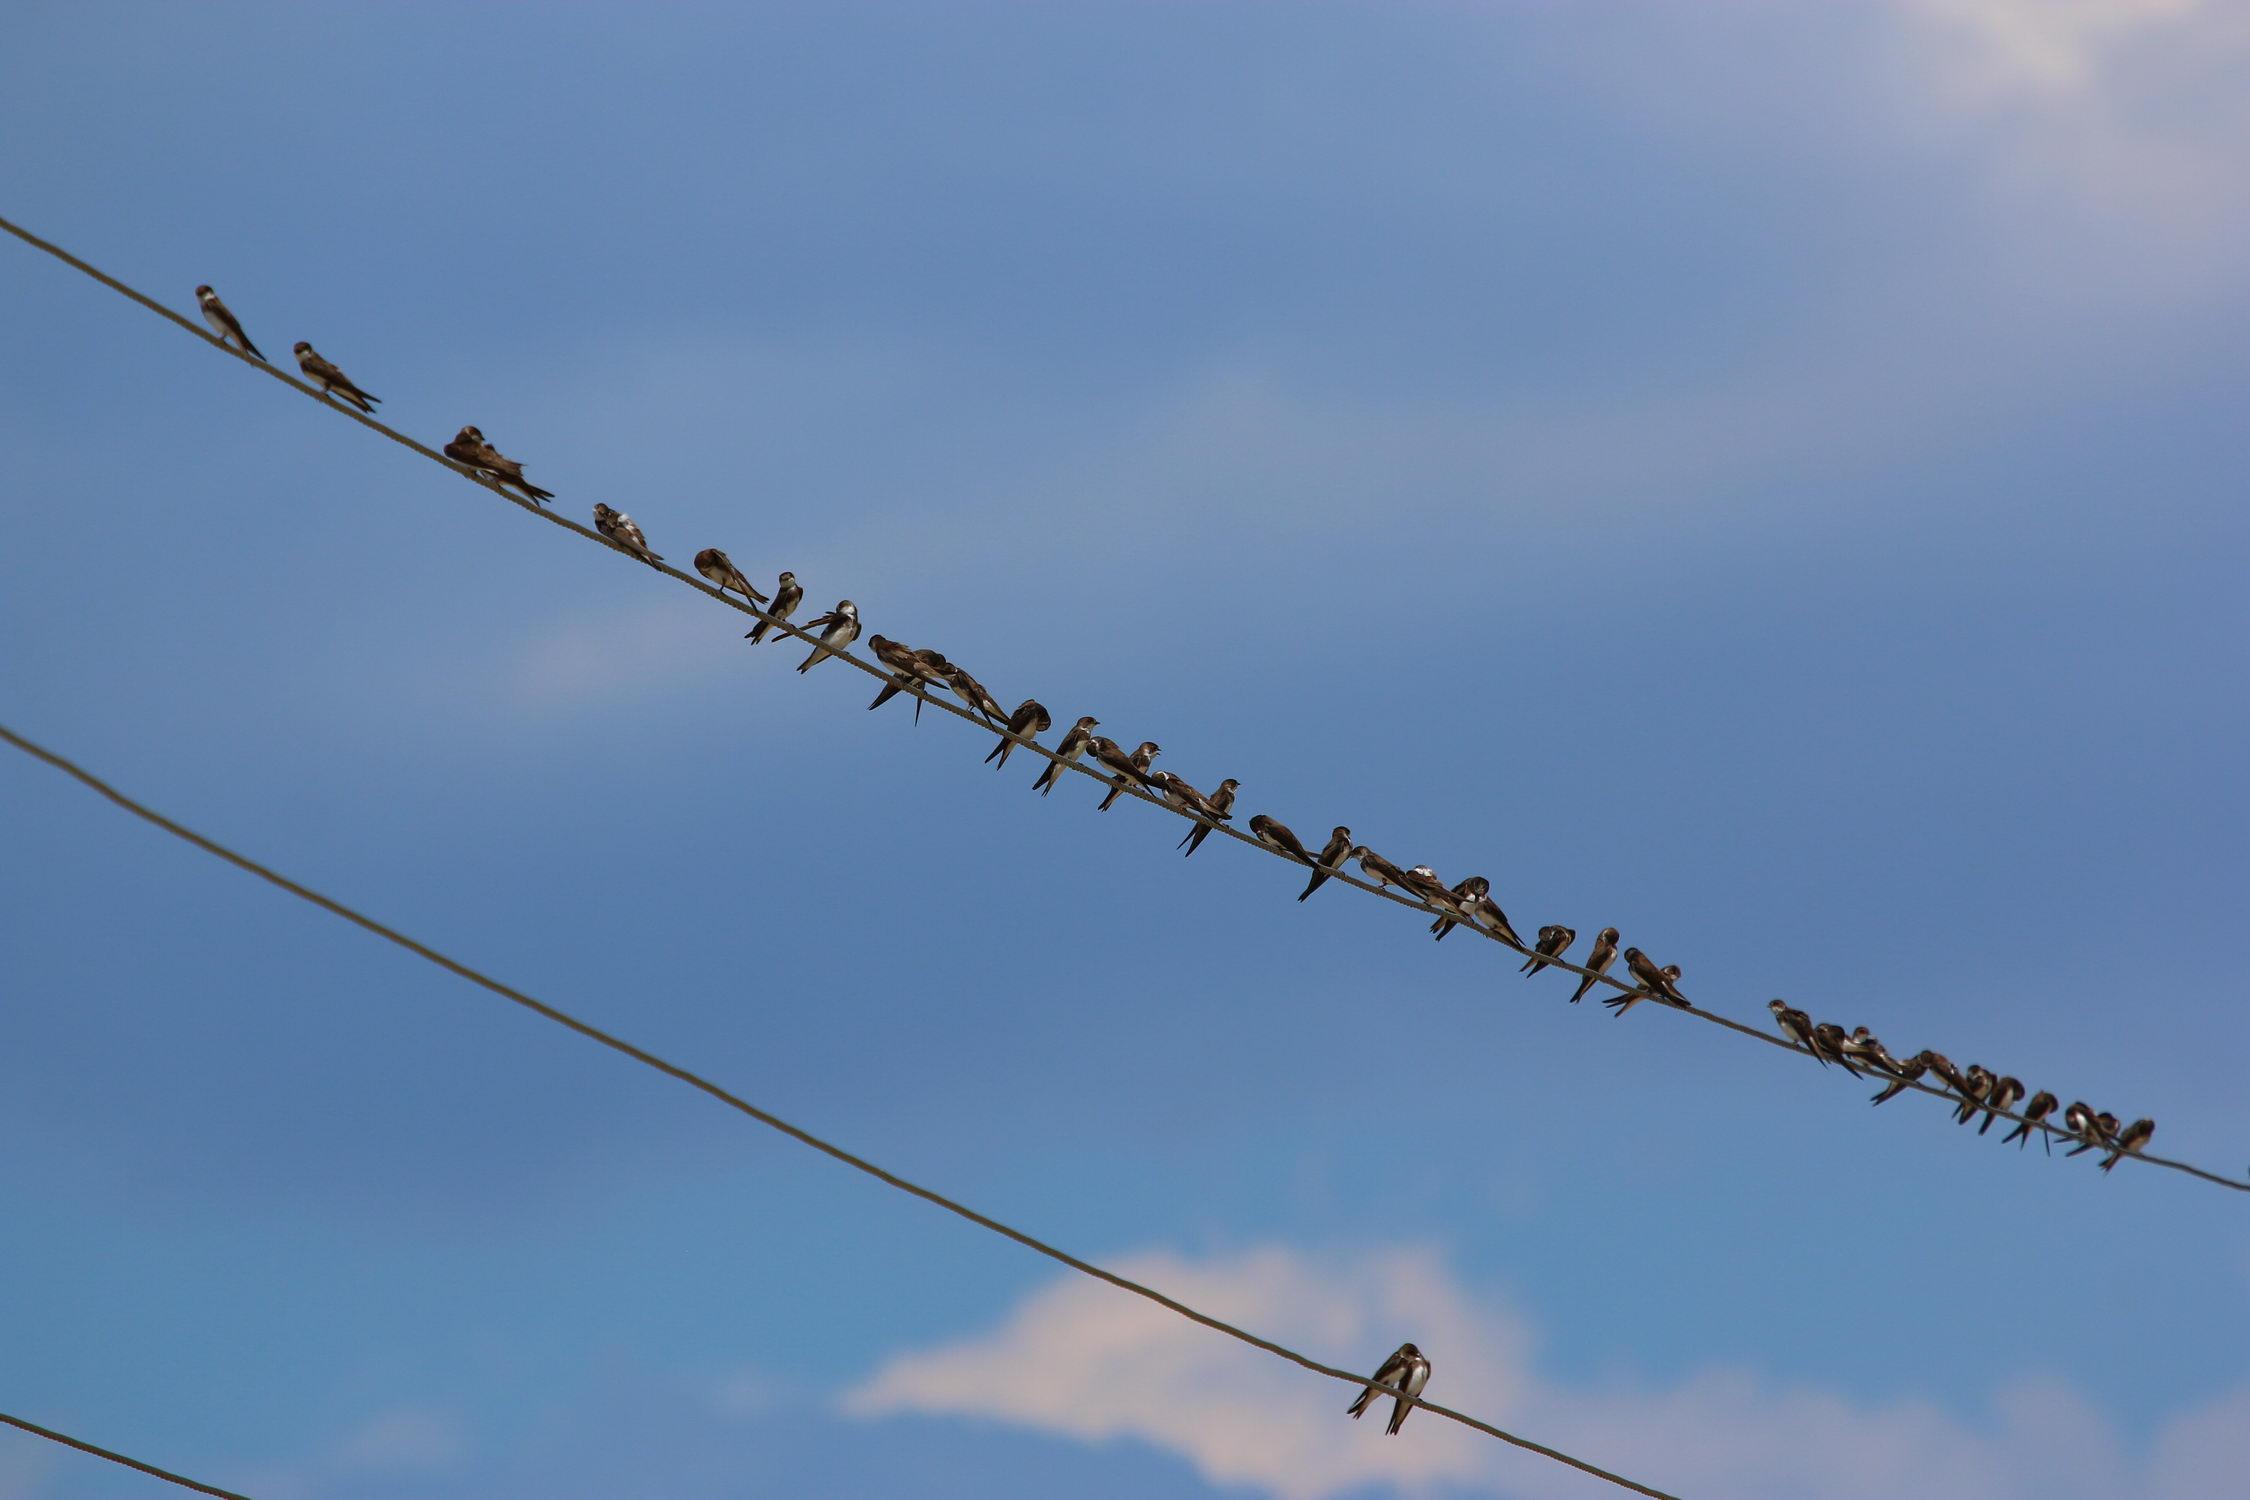 5 мест в Днепре, где лучше всего наблюдать за птицами - 13 зображення